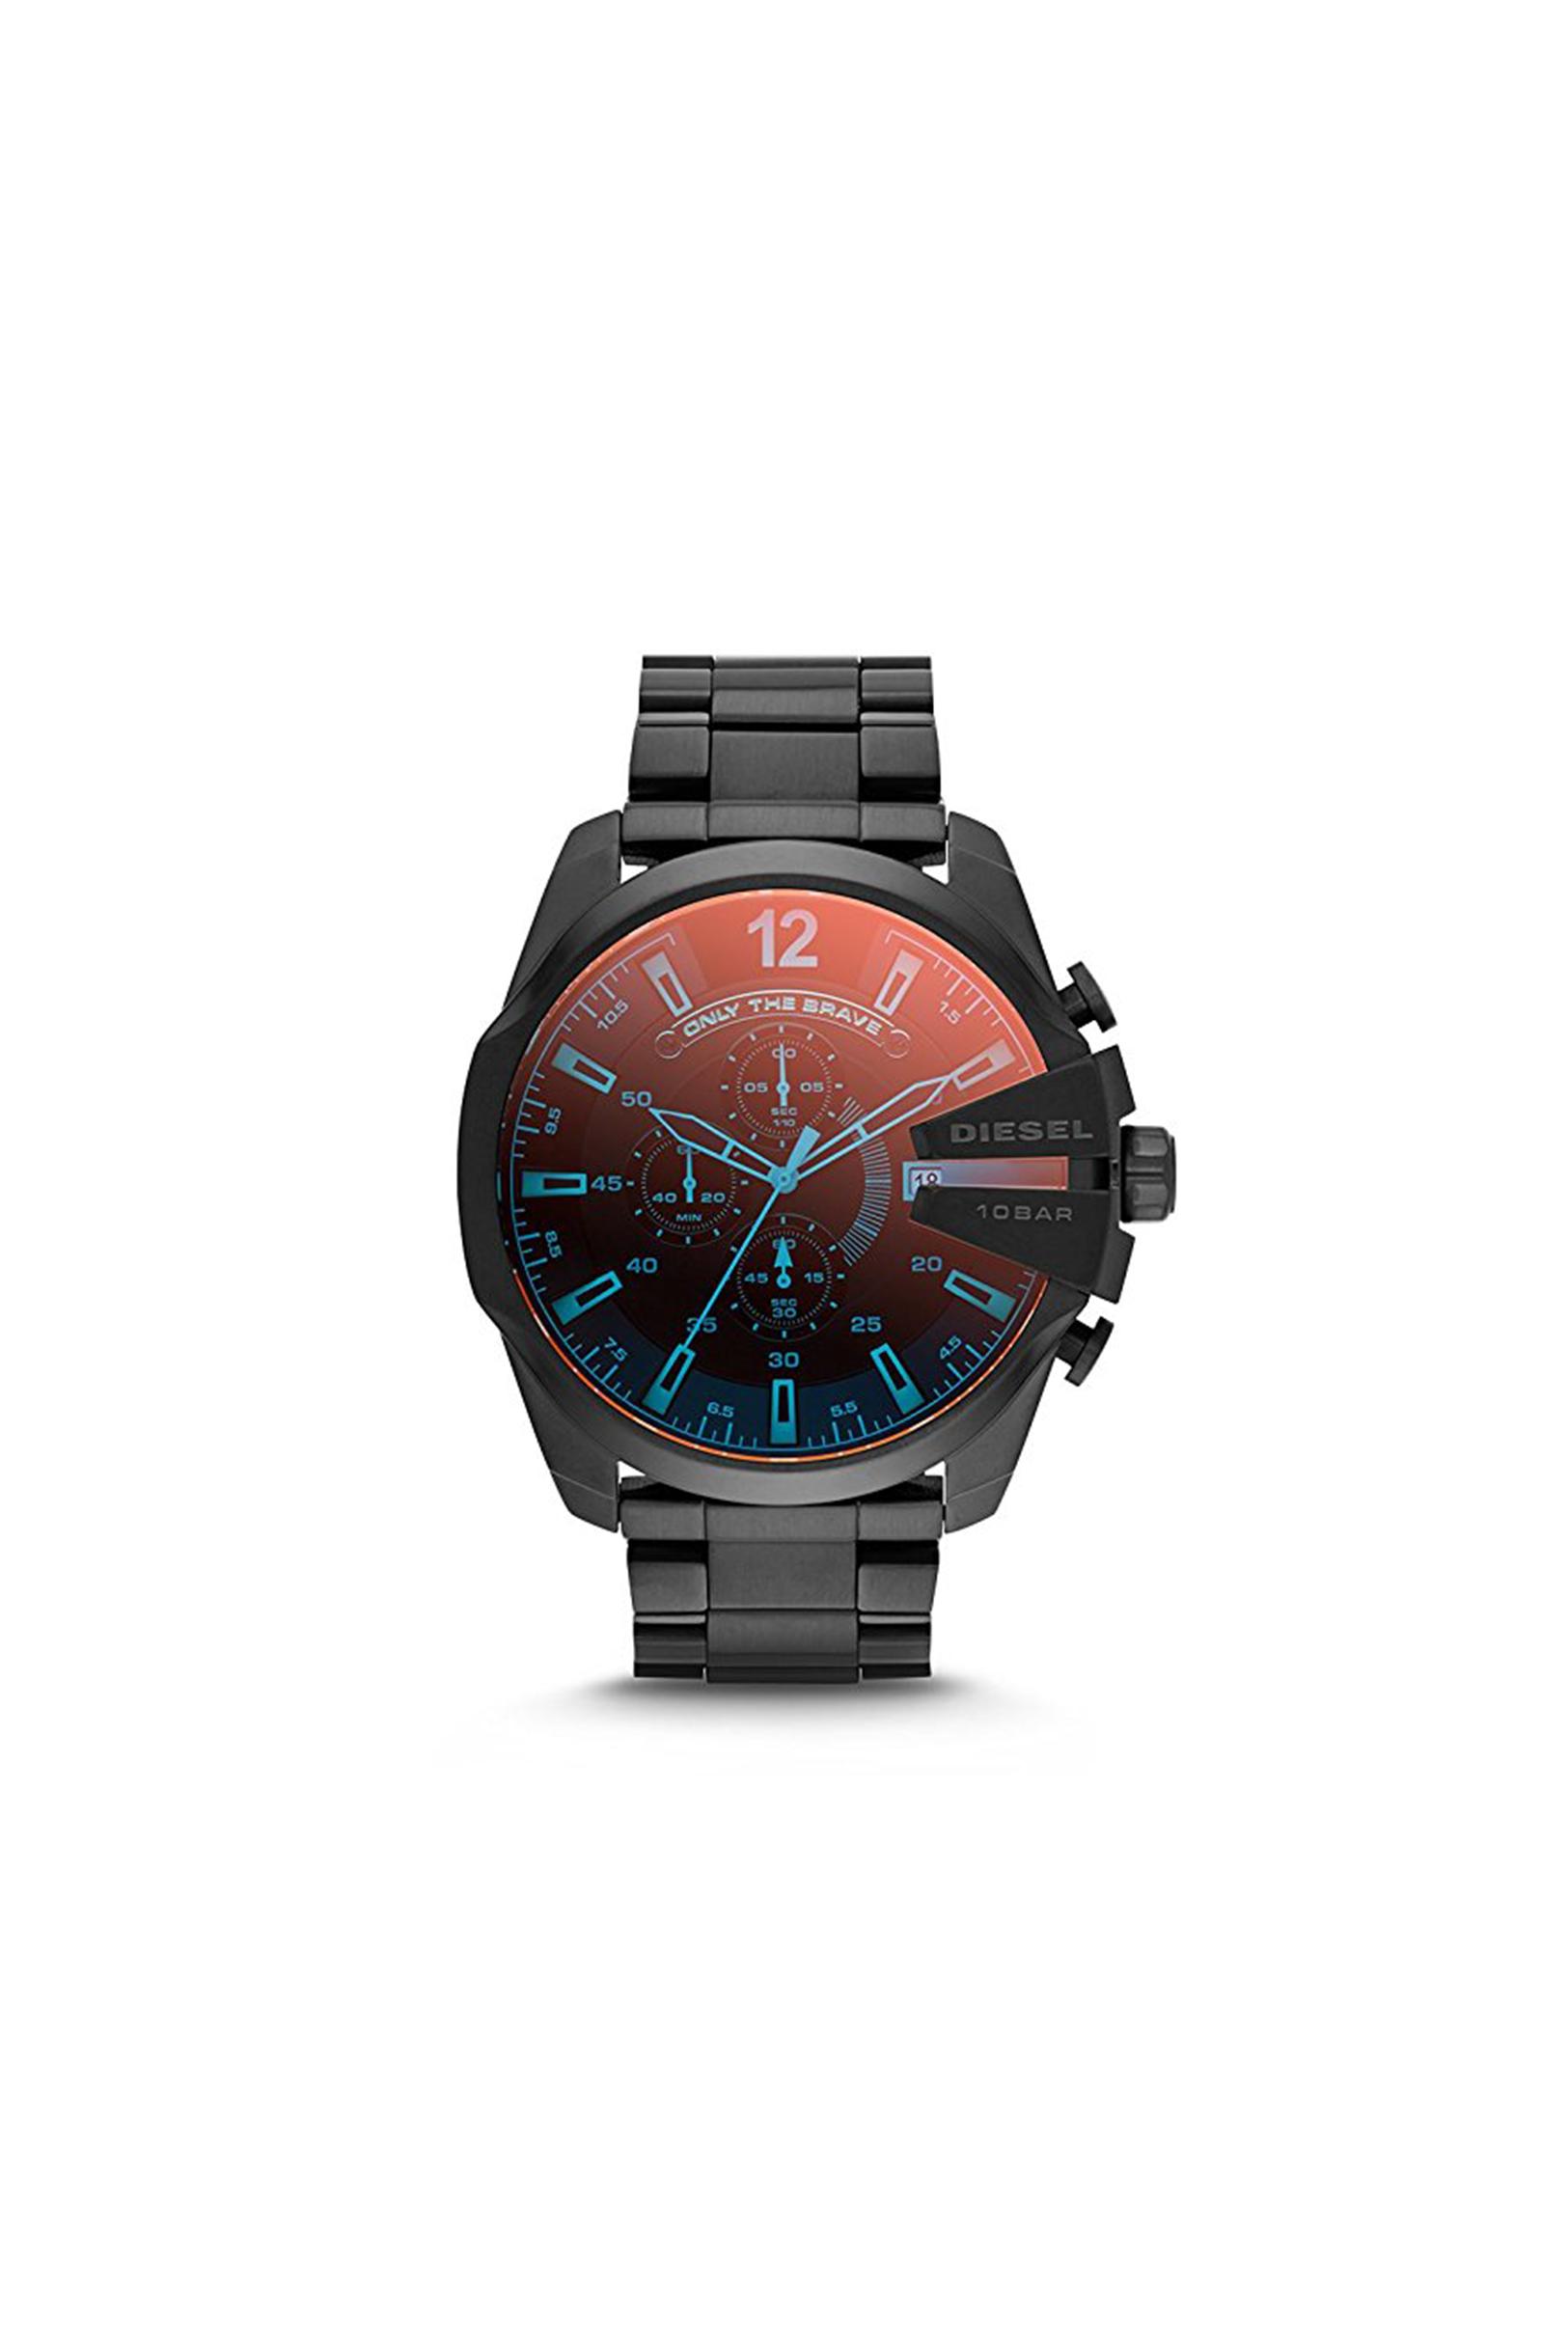 Diesel Watch.png